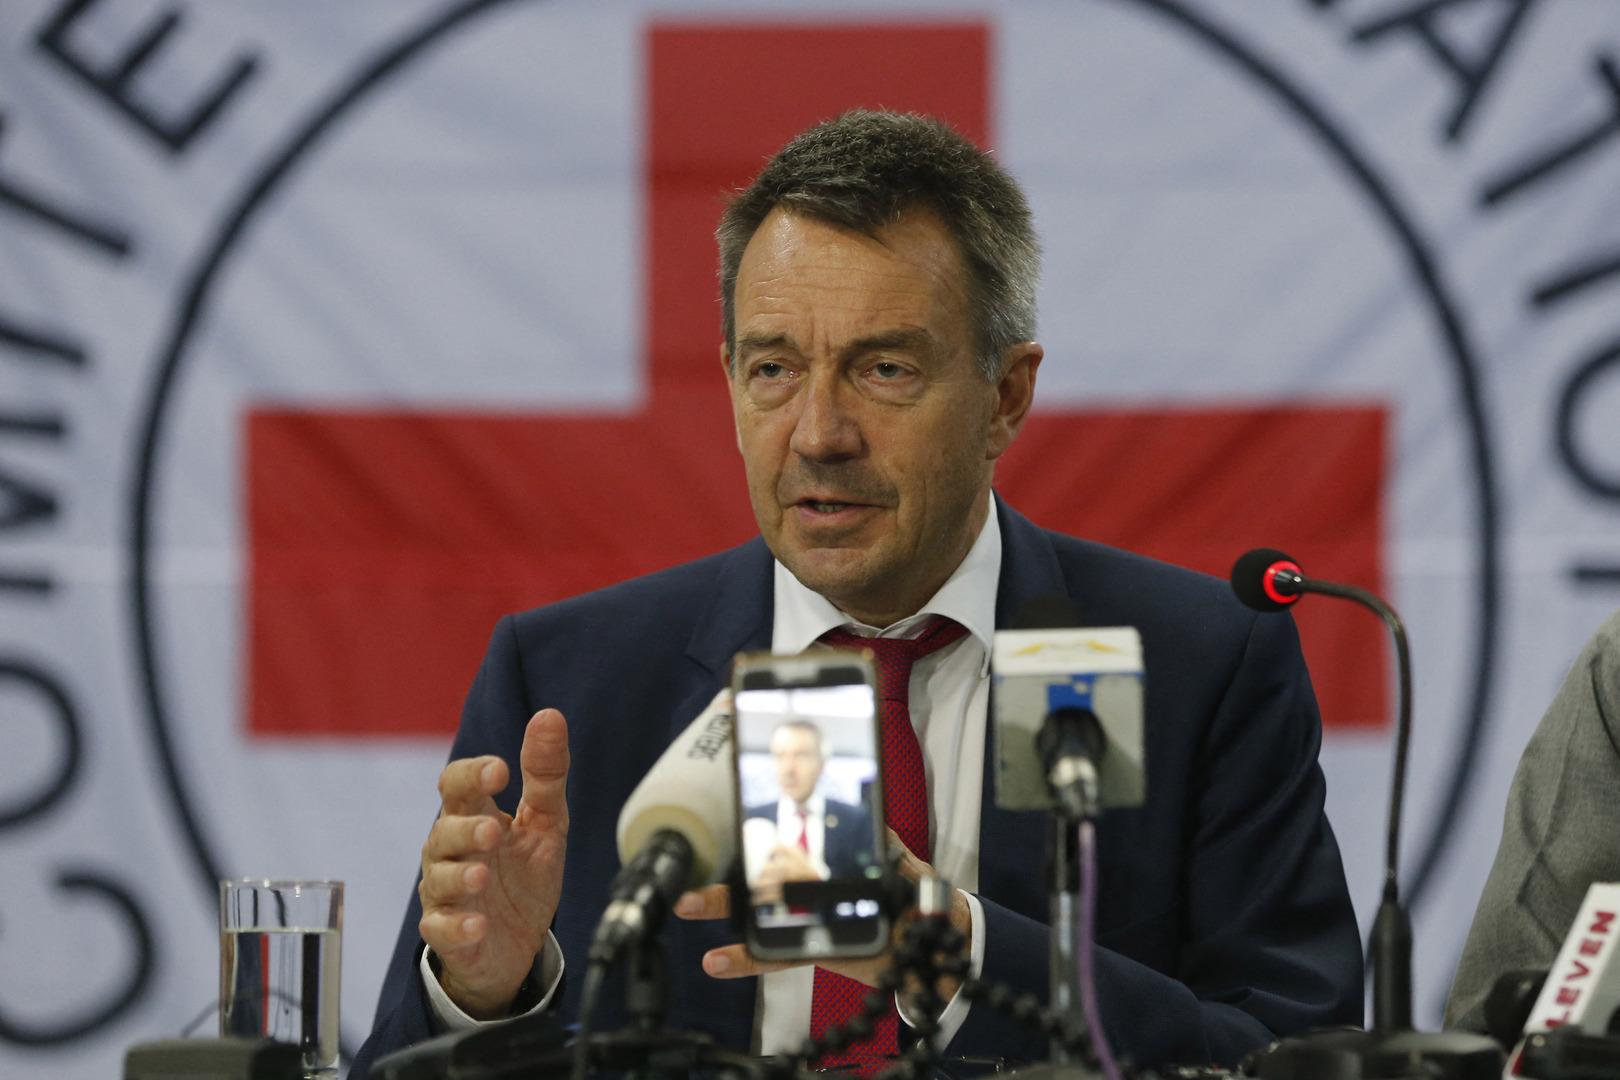 رئيس اللجنة الدولية للصليب الأحمر بيتر ماورير